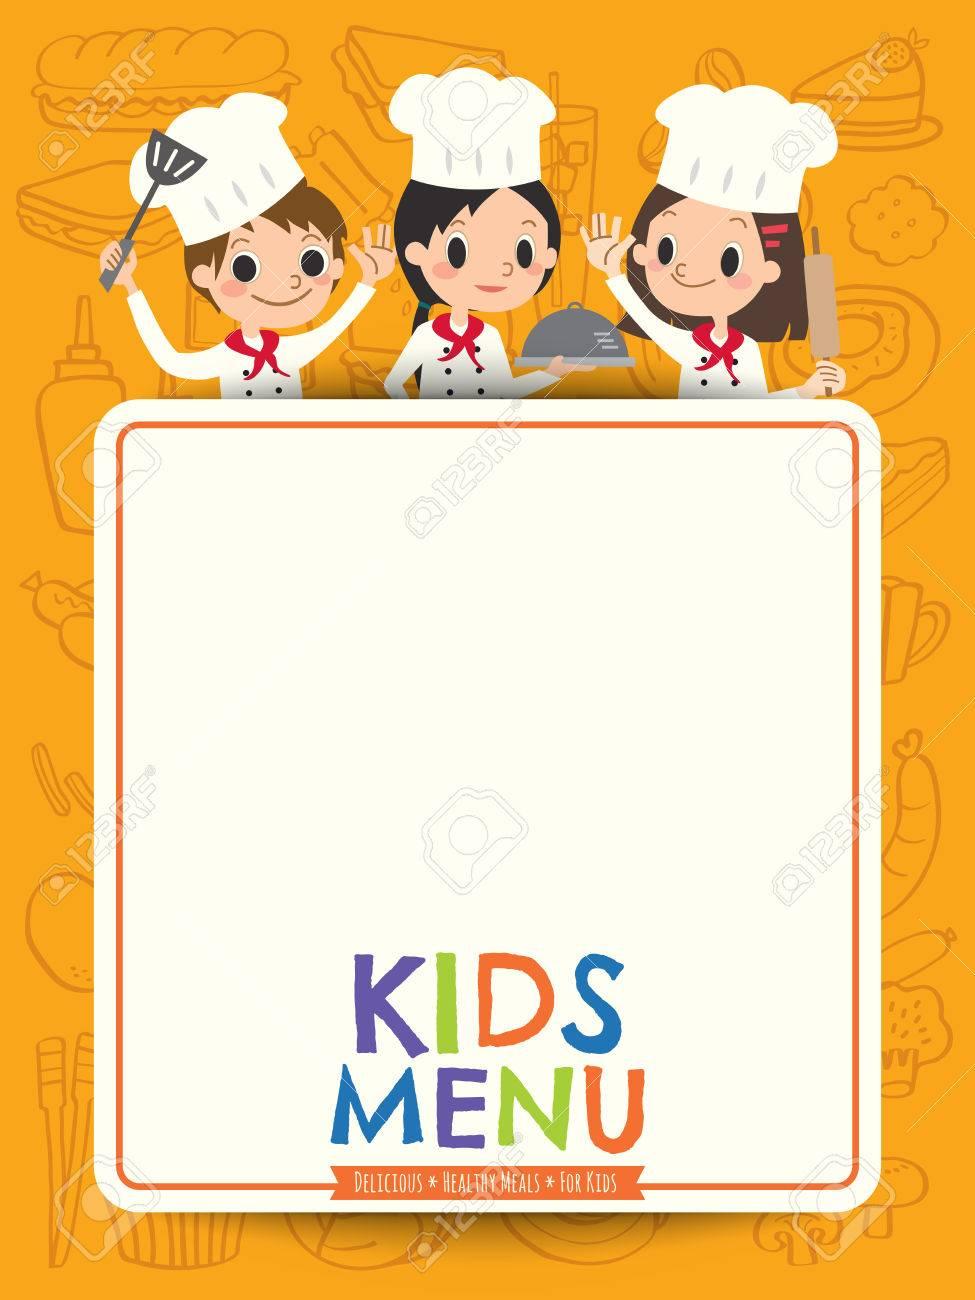 Menu Enfants Jeune Chef Enfants Avec Menu Vierge Illustration Carte De Bande Dessinee Clip Art Libres De Droits Vecteurs Et Illustration Image 57729382